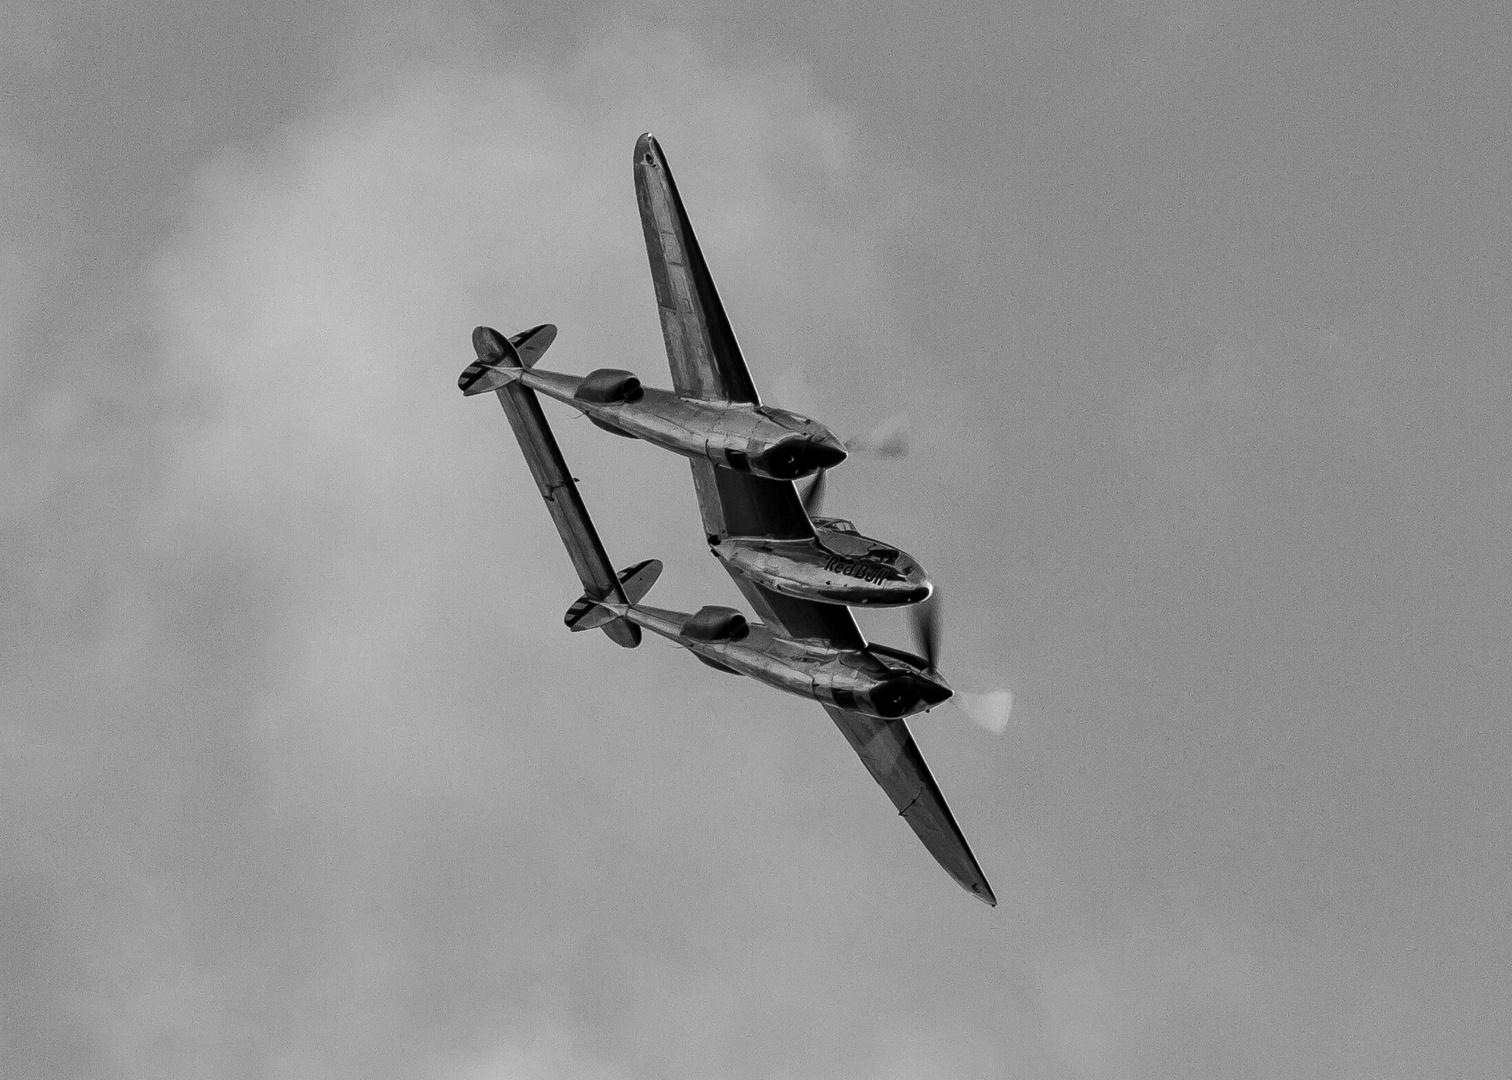 P-38 im sturzflug